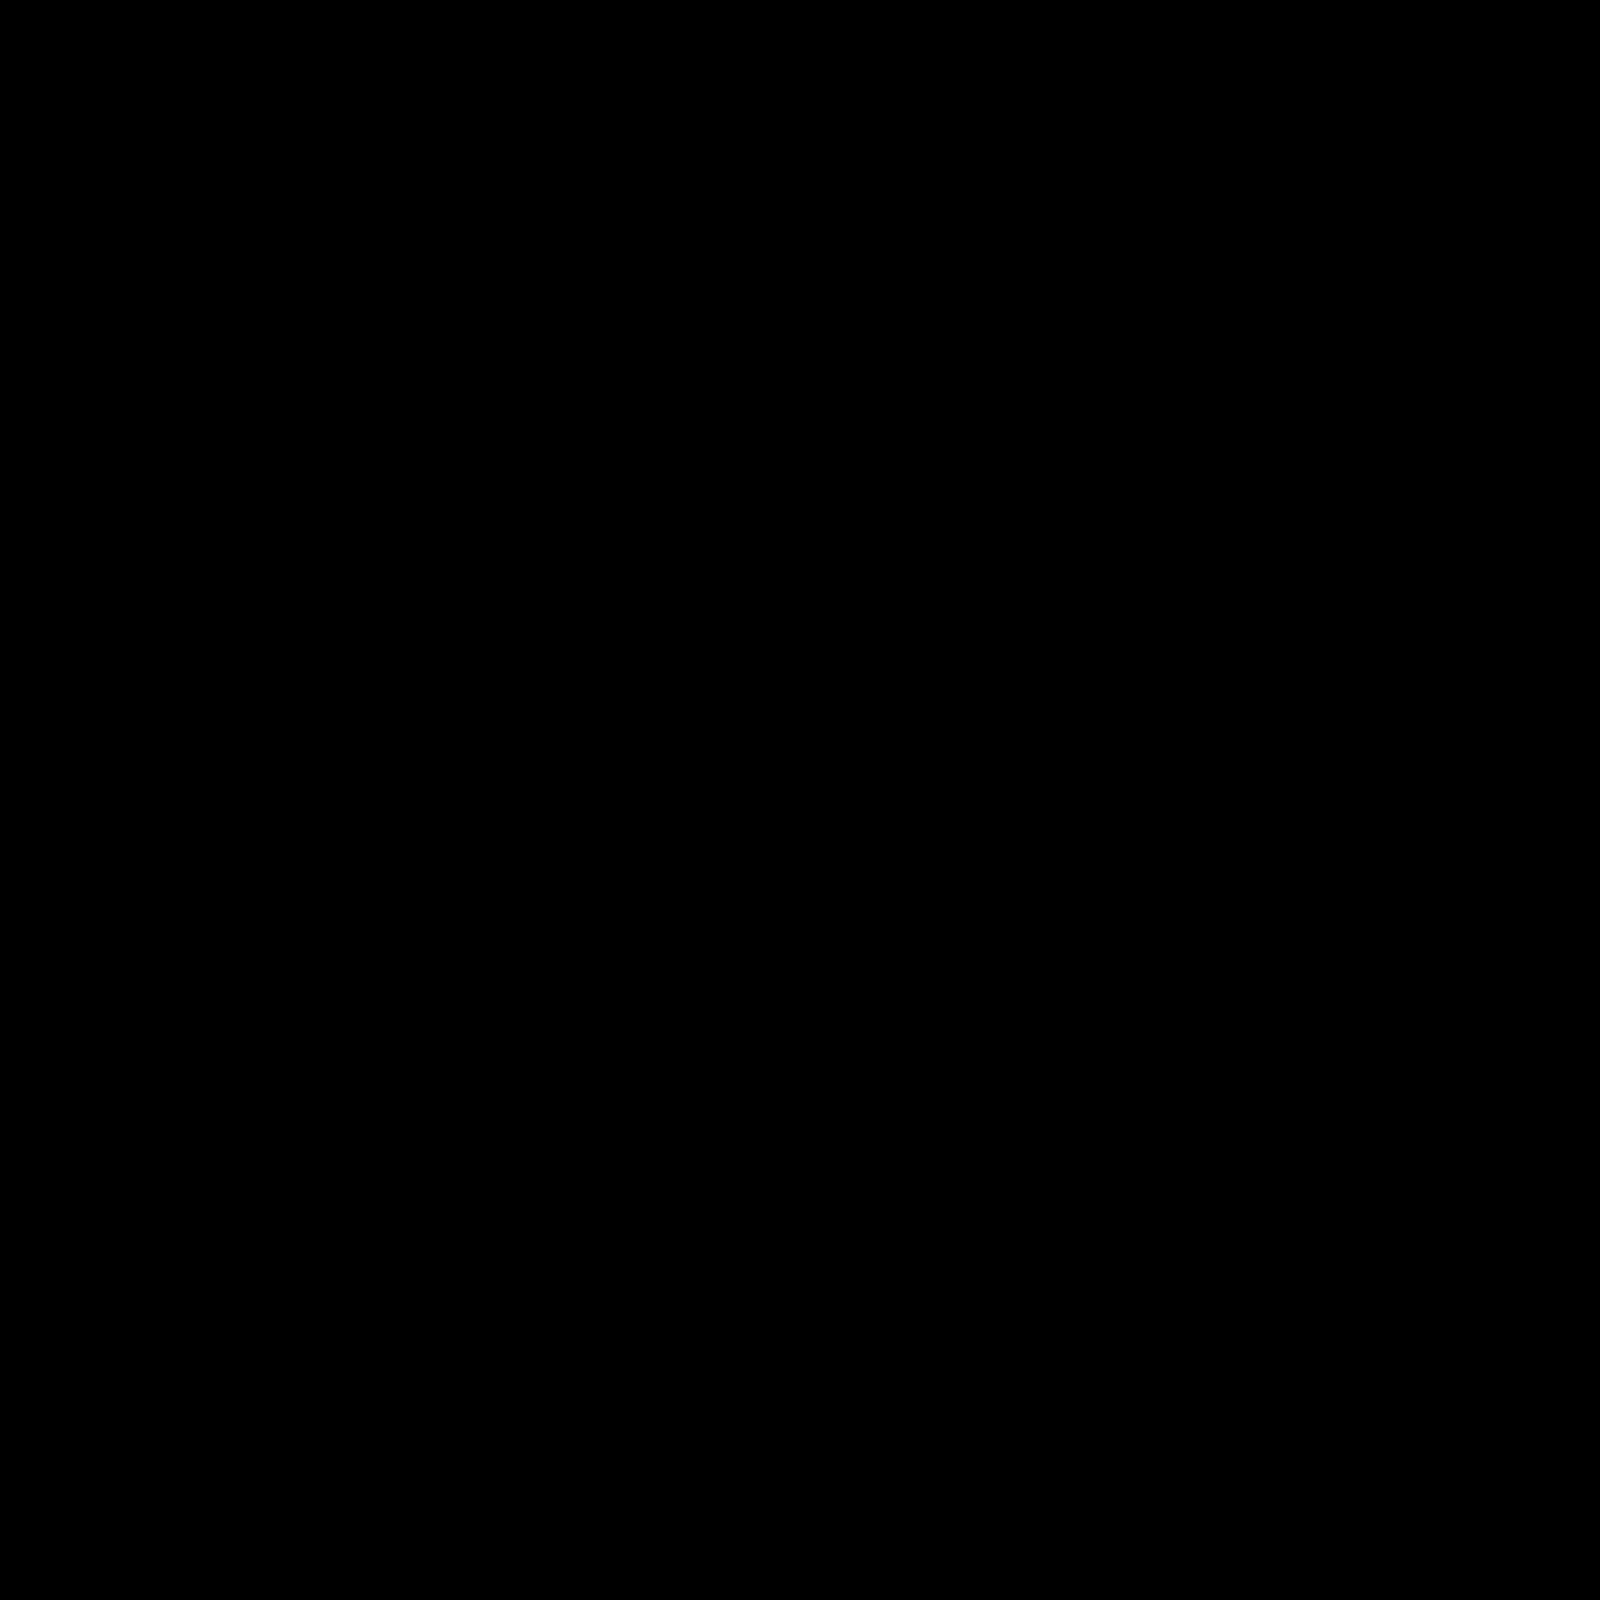 Эллипс icon